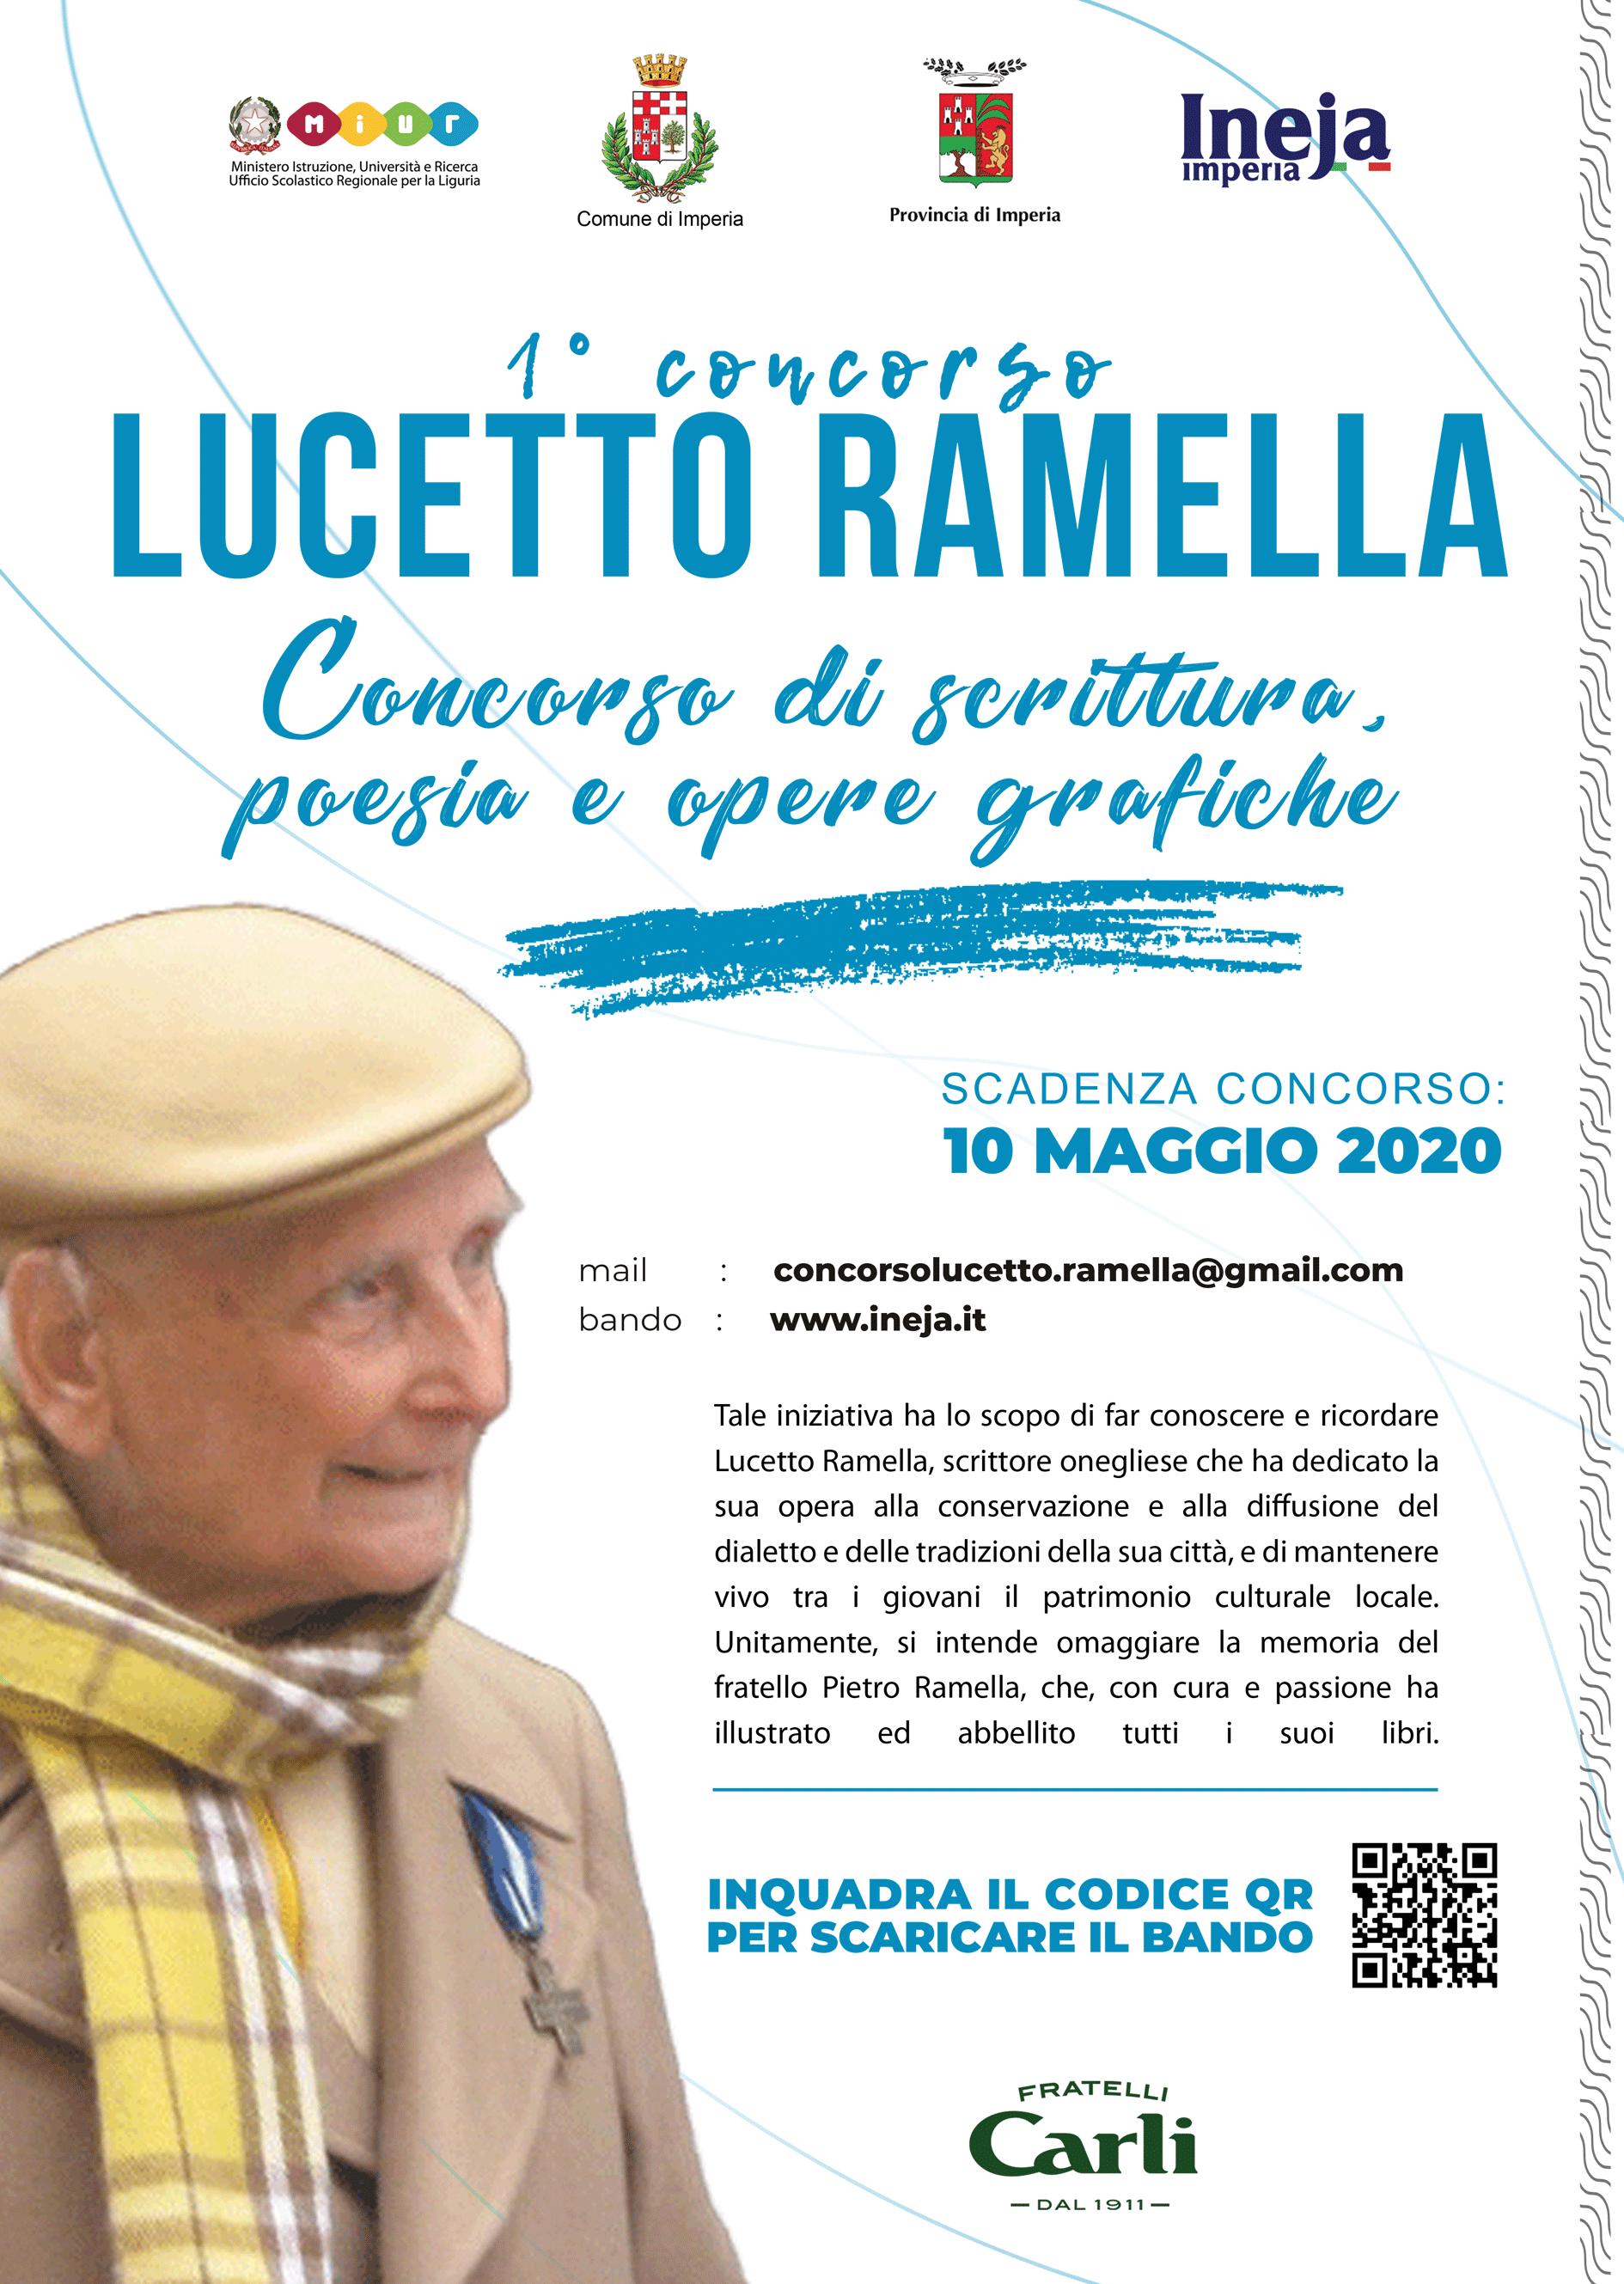 loc_lucetto_ramella_2020